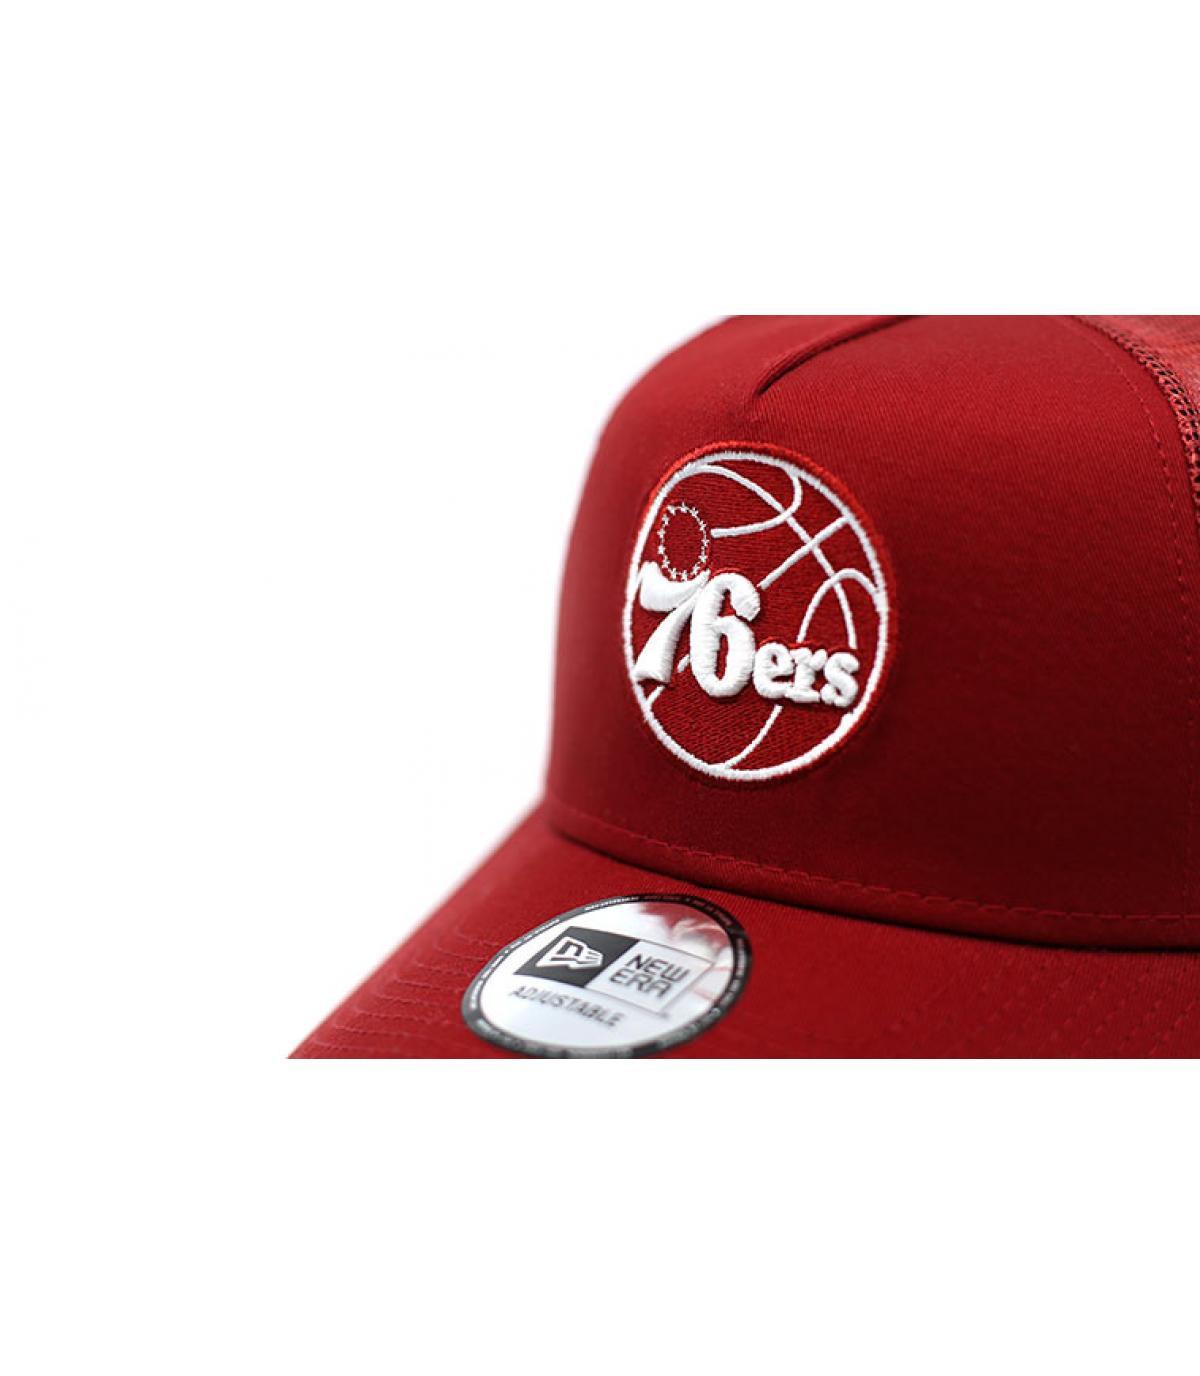 Details Trucker NBA Ess 76ERS red - Abbildung 3